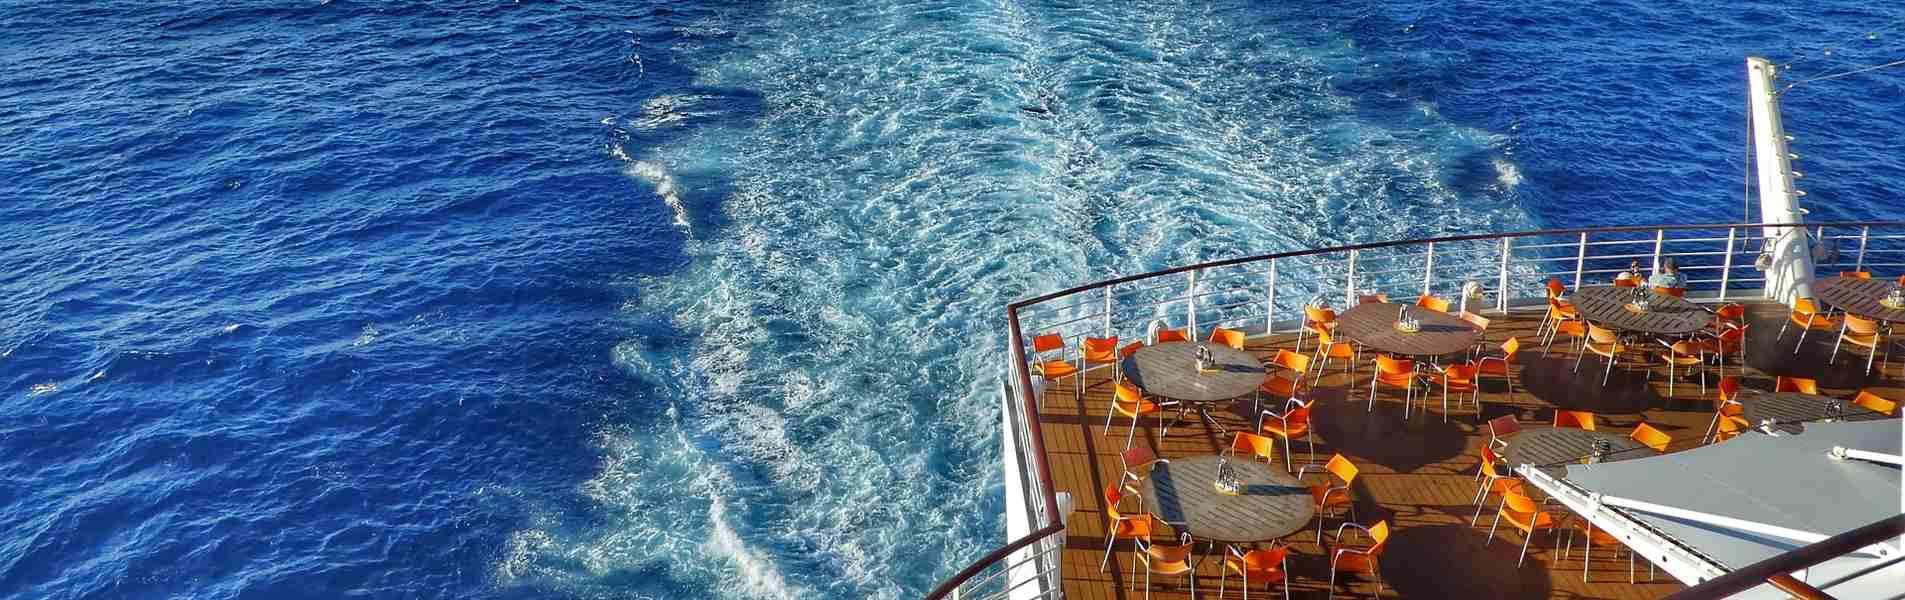 croisiere mediterrannee